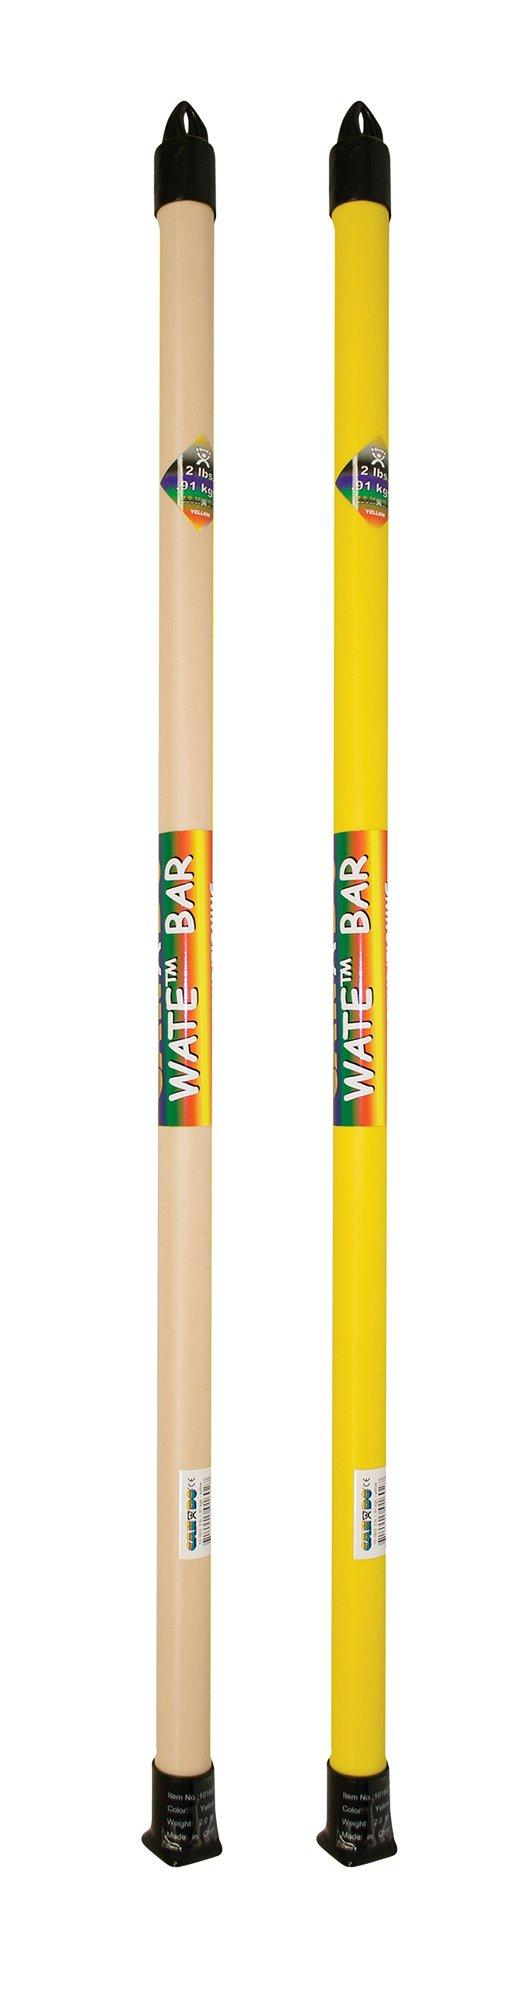 CanDo SLIM WaTE Bar - 2-Piece Bundle - 1, 2 lb